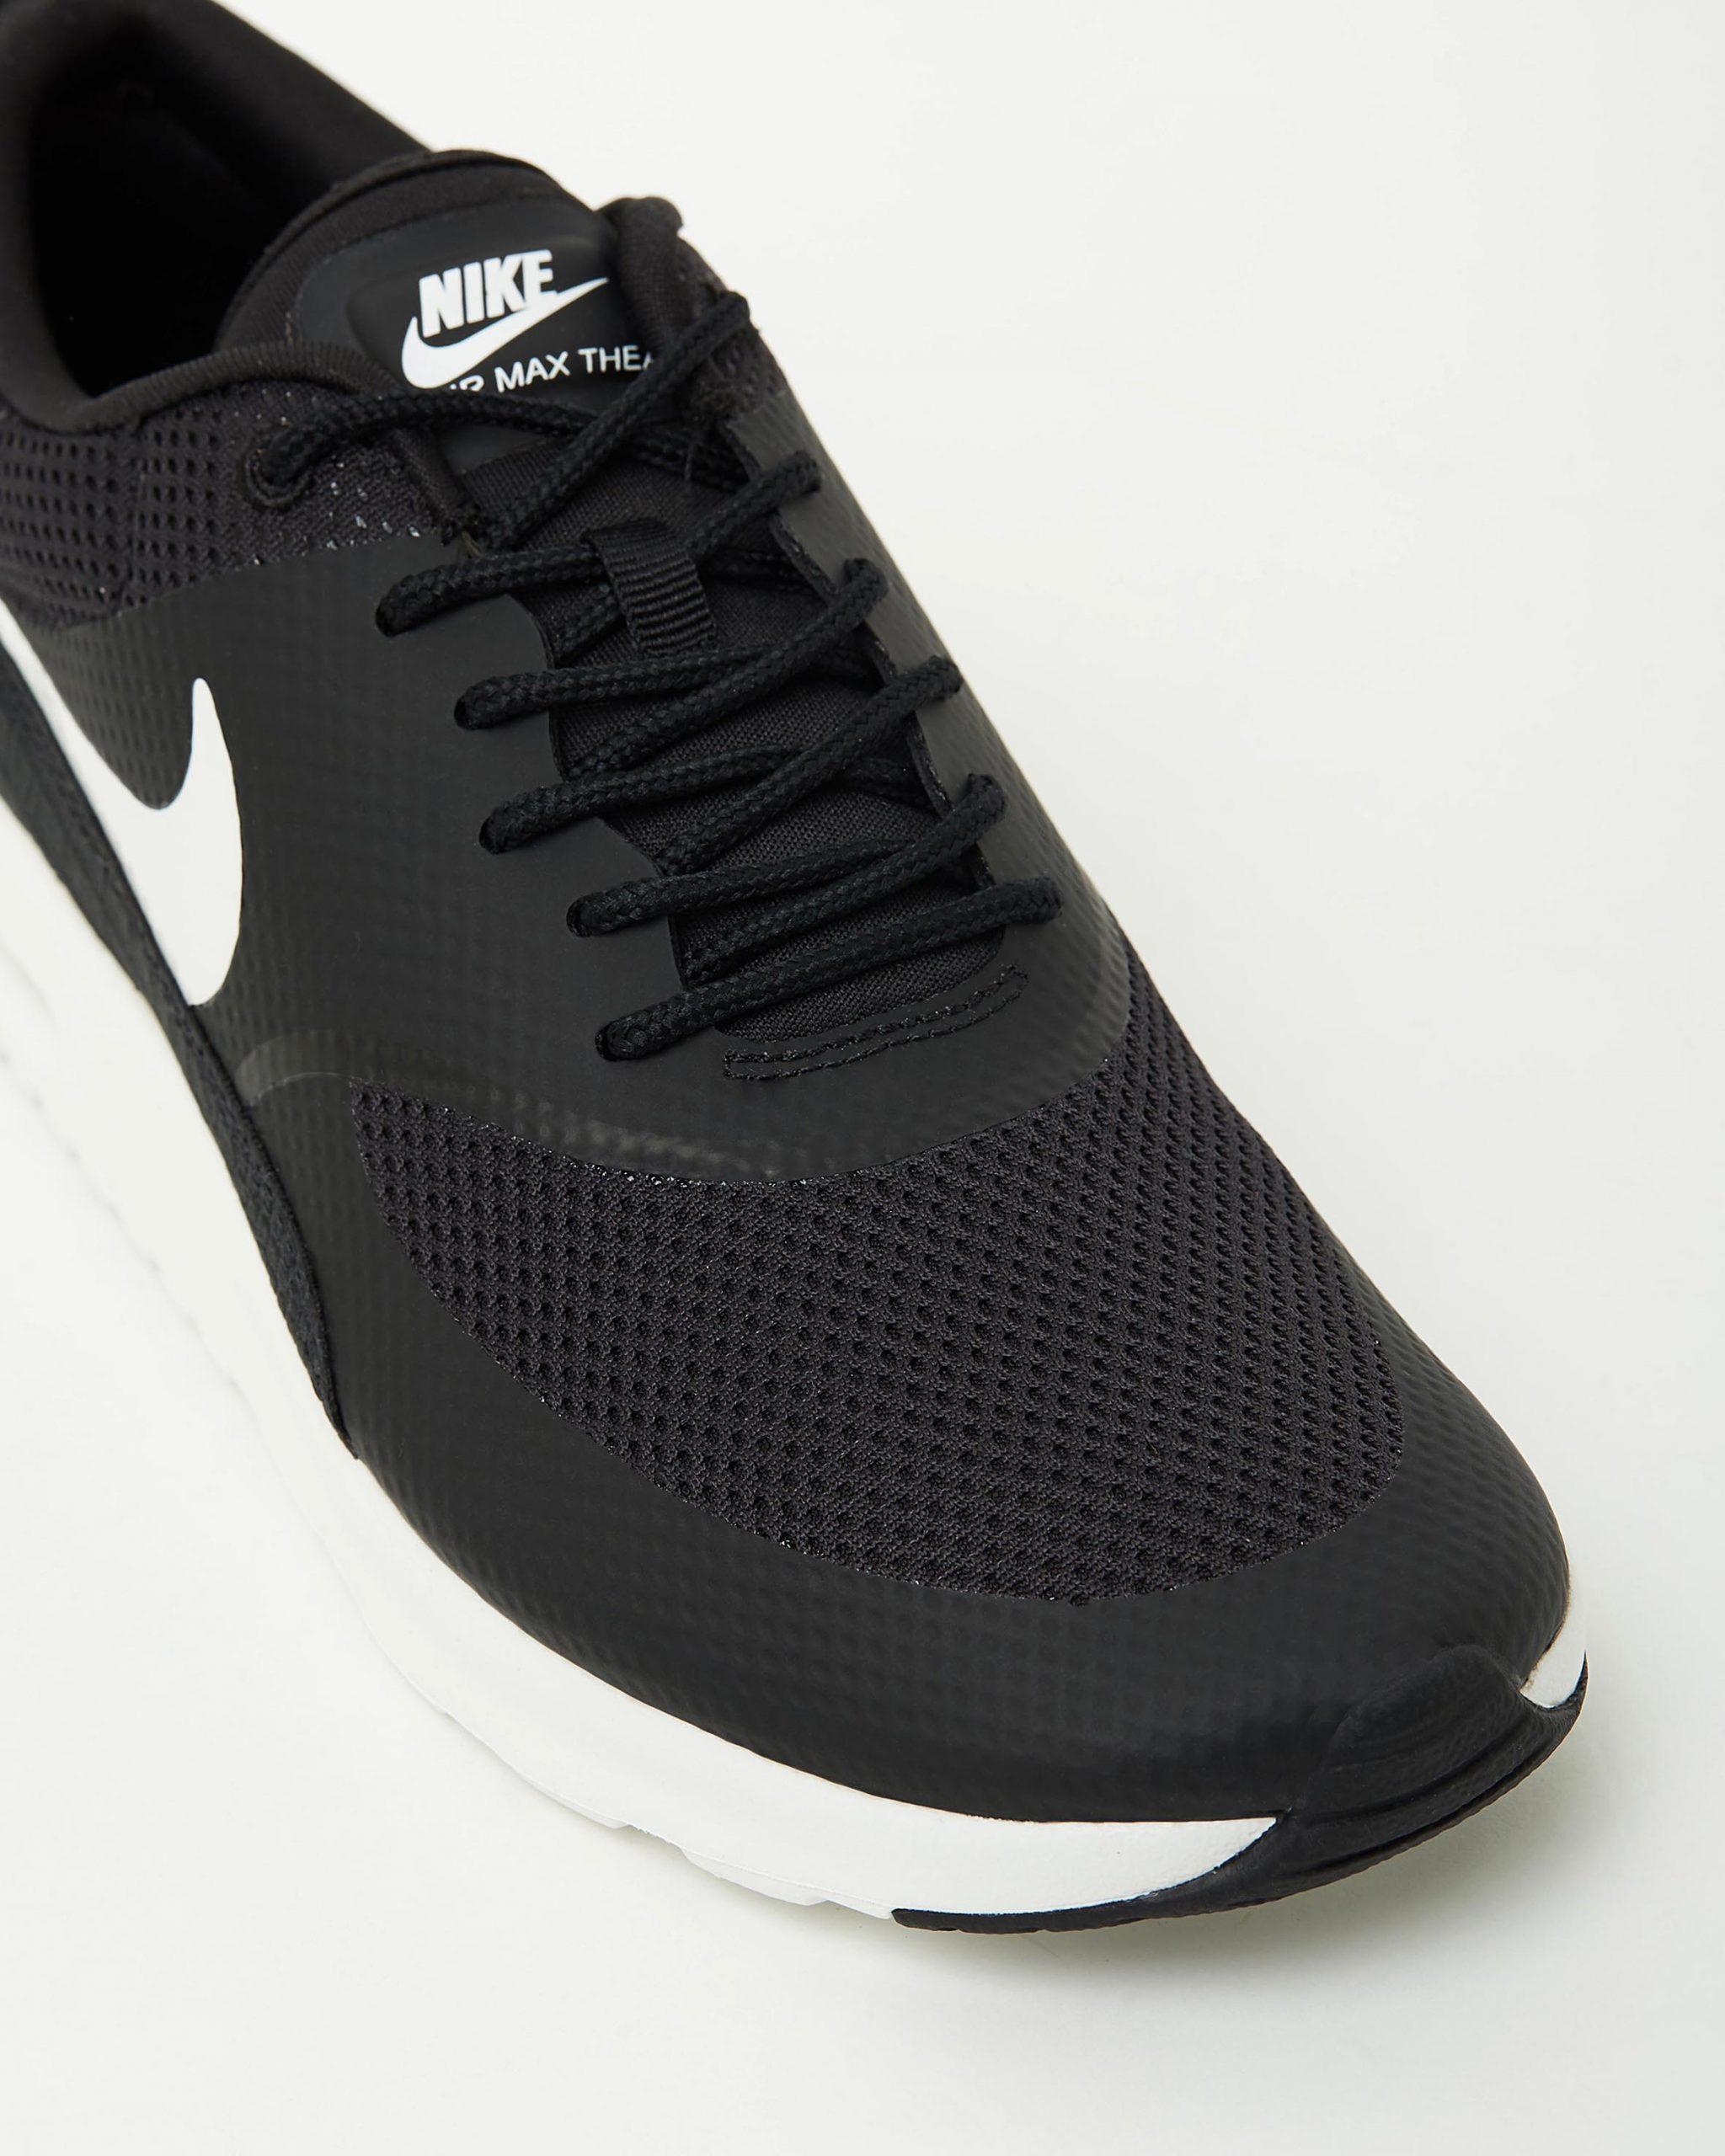 Women's Nike Air Max Thea Black